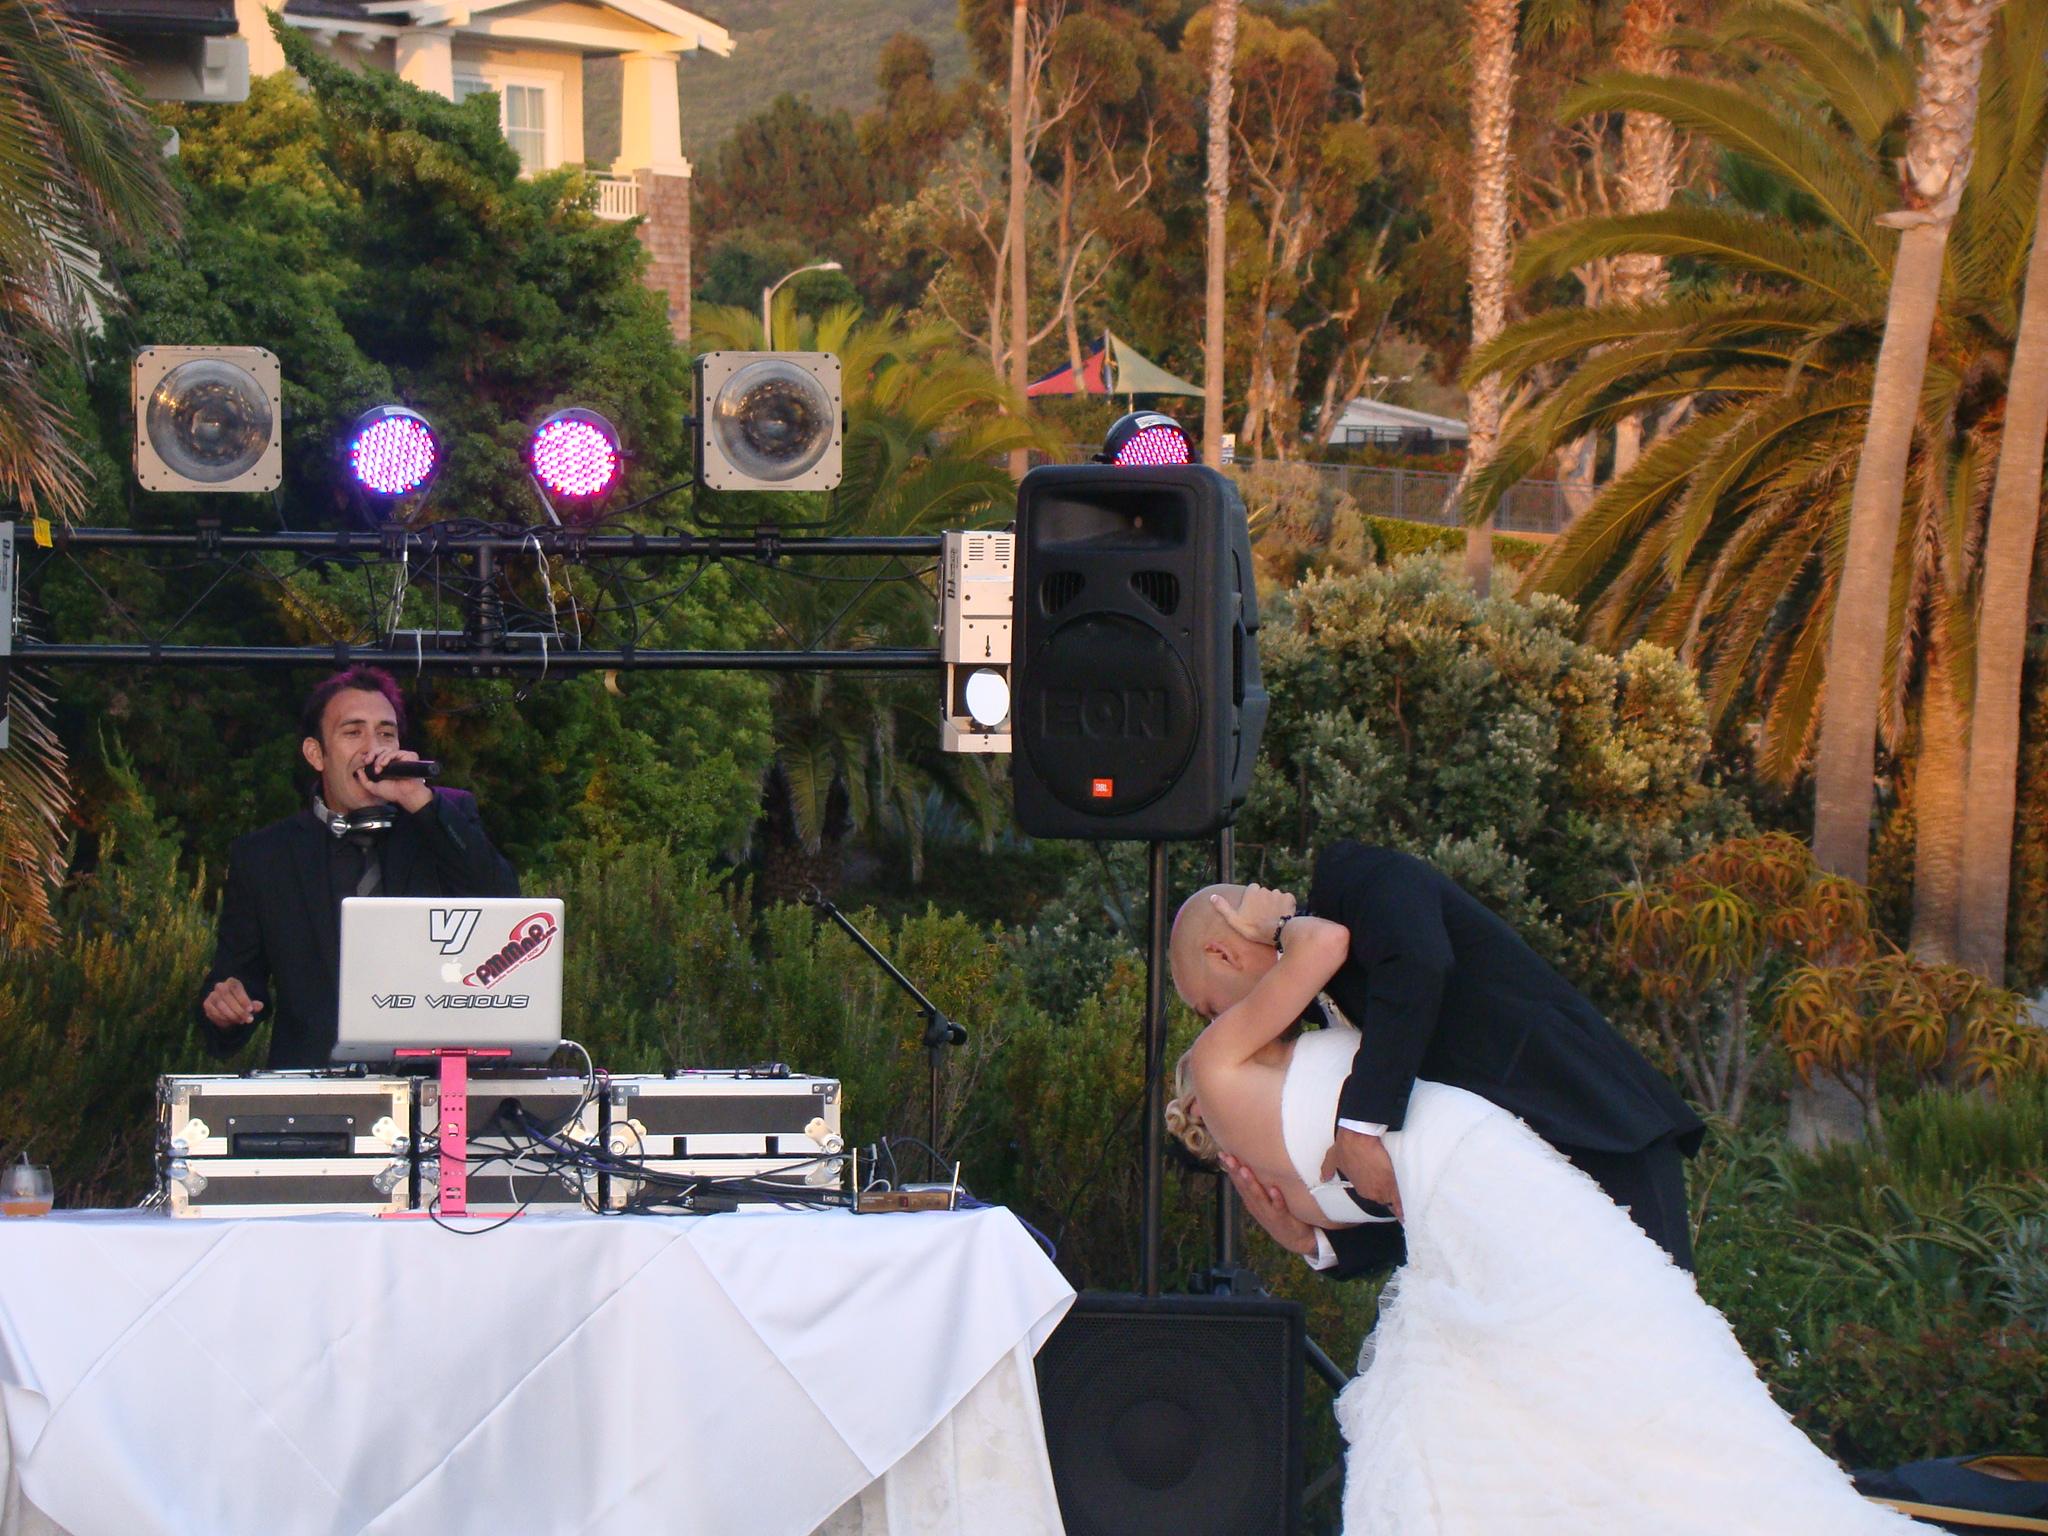 Wedding master of ceremonies